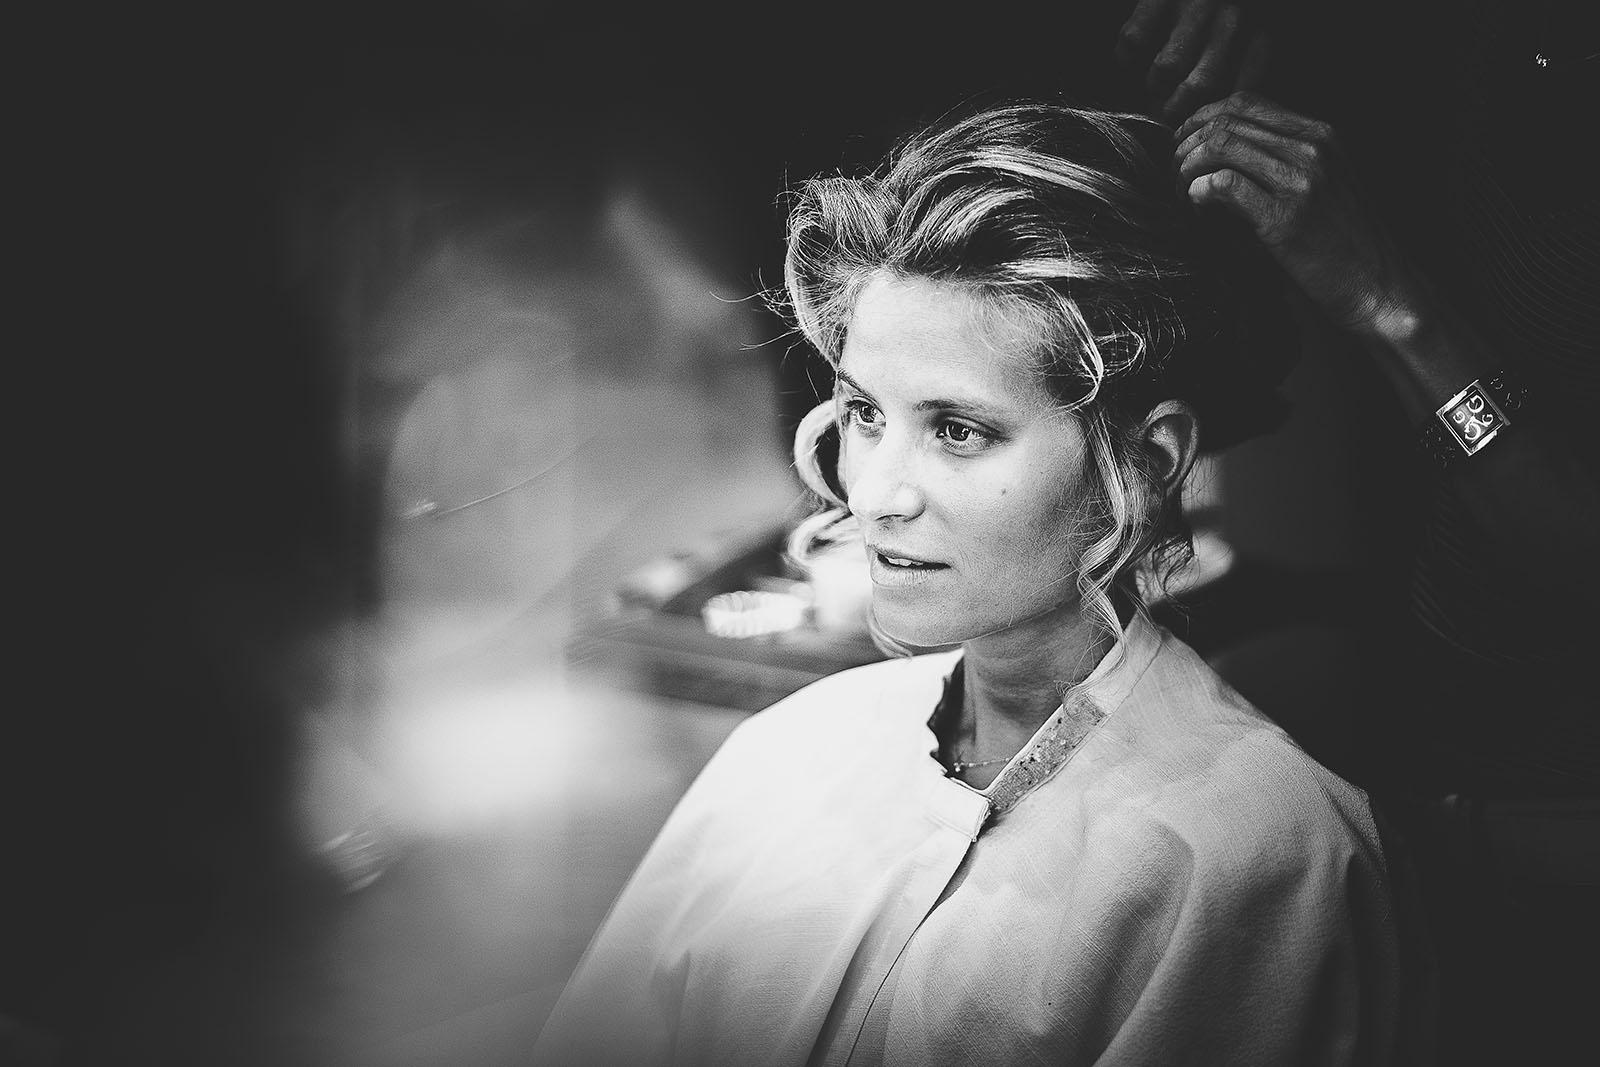 Mariage à Lyon. David Pommier photographe de mariage. Portrait de la mariée pendant la coiffure